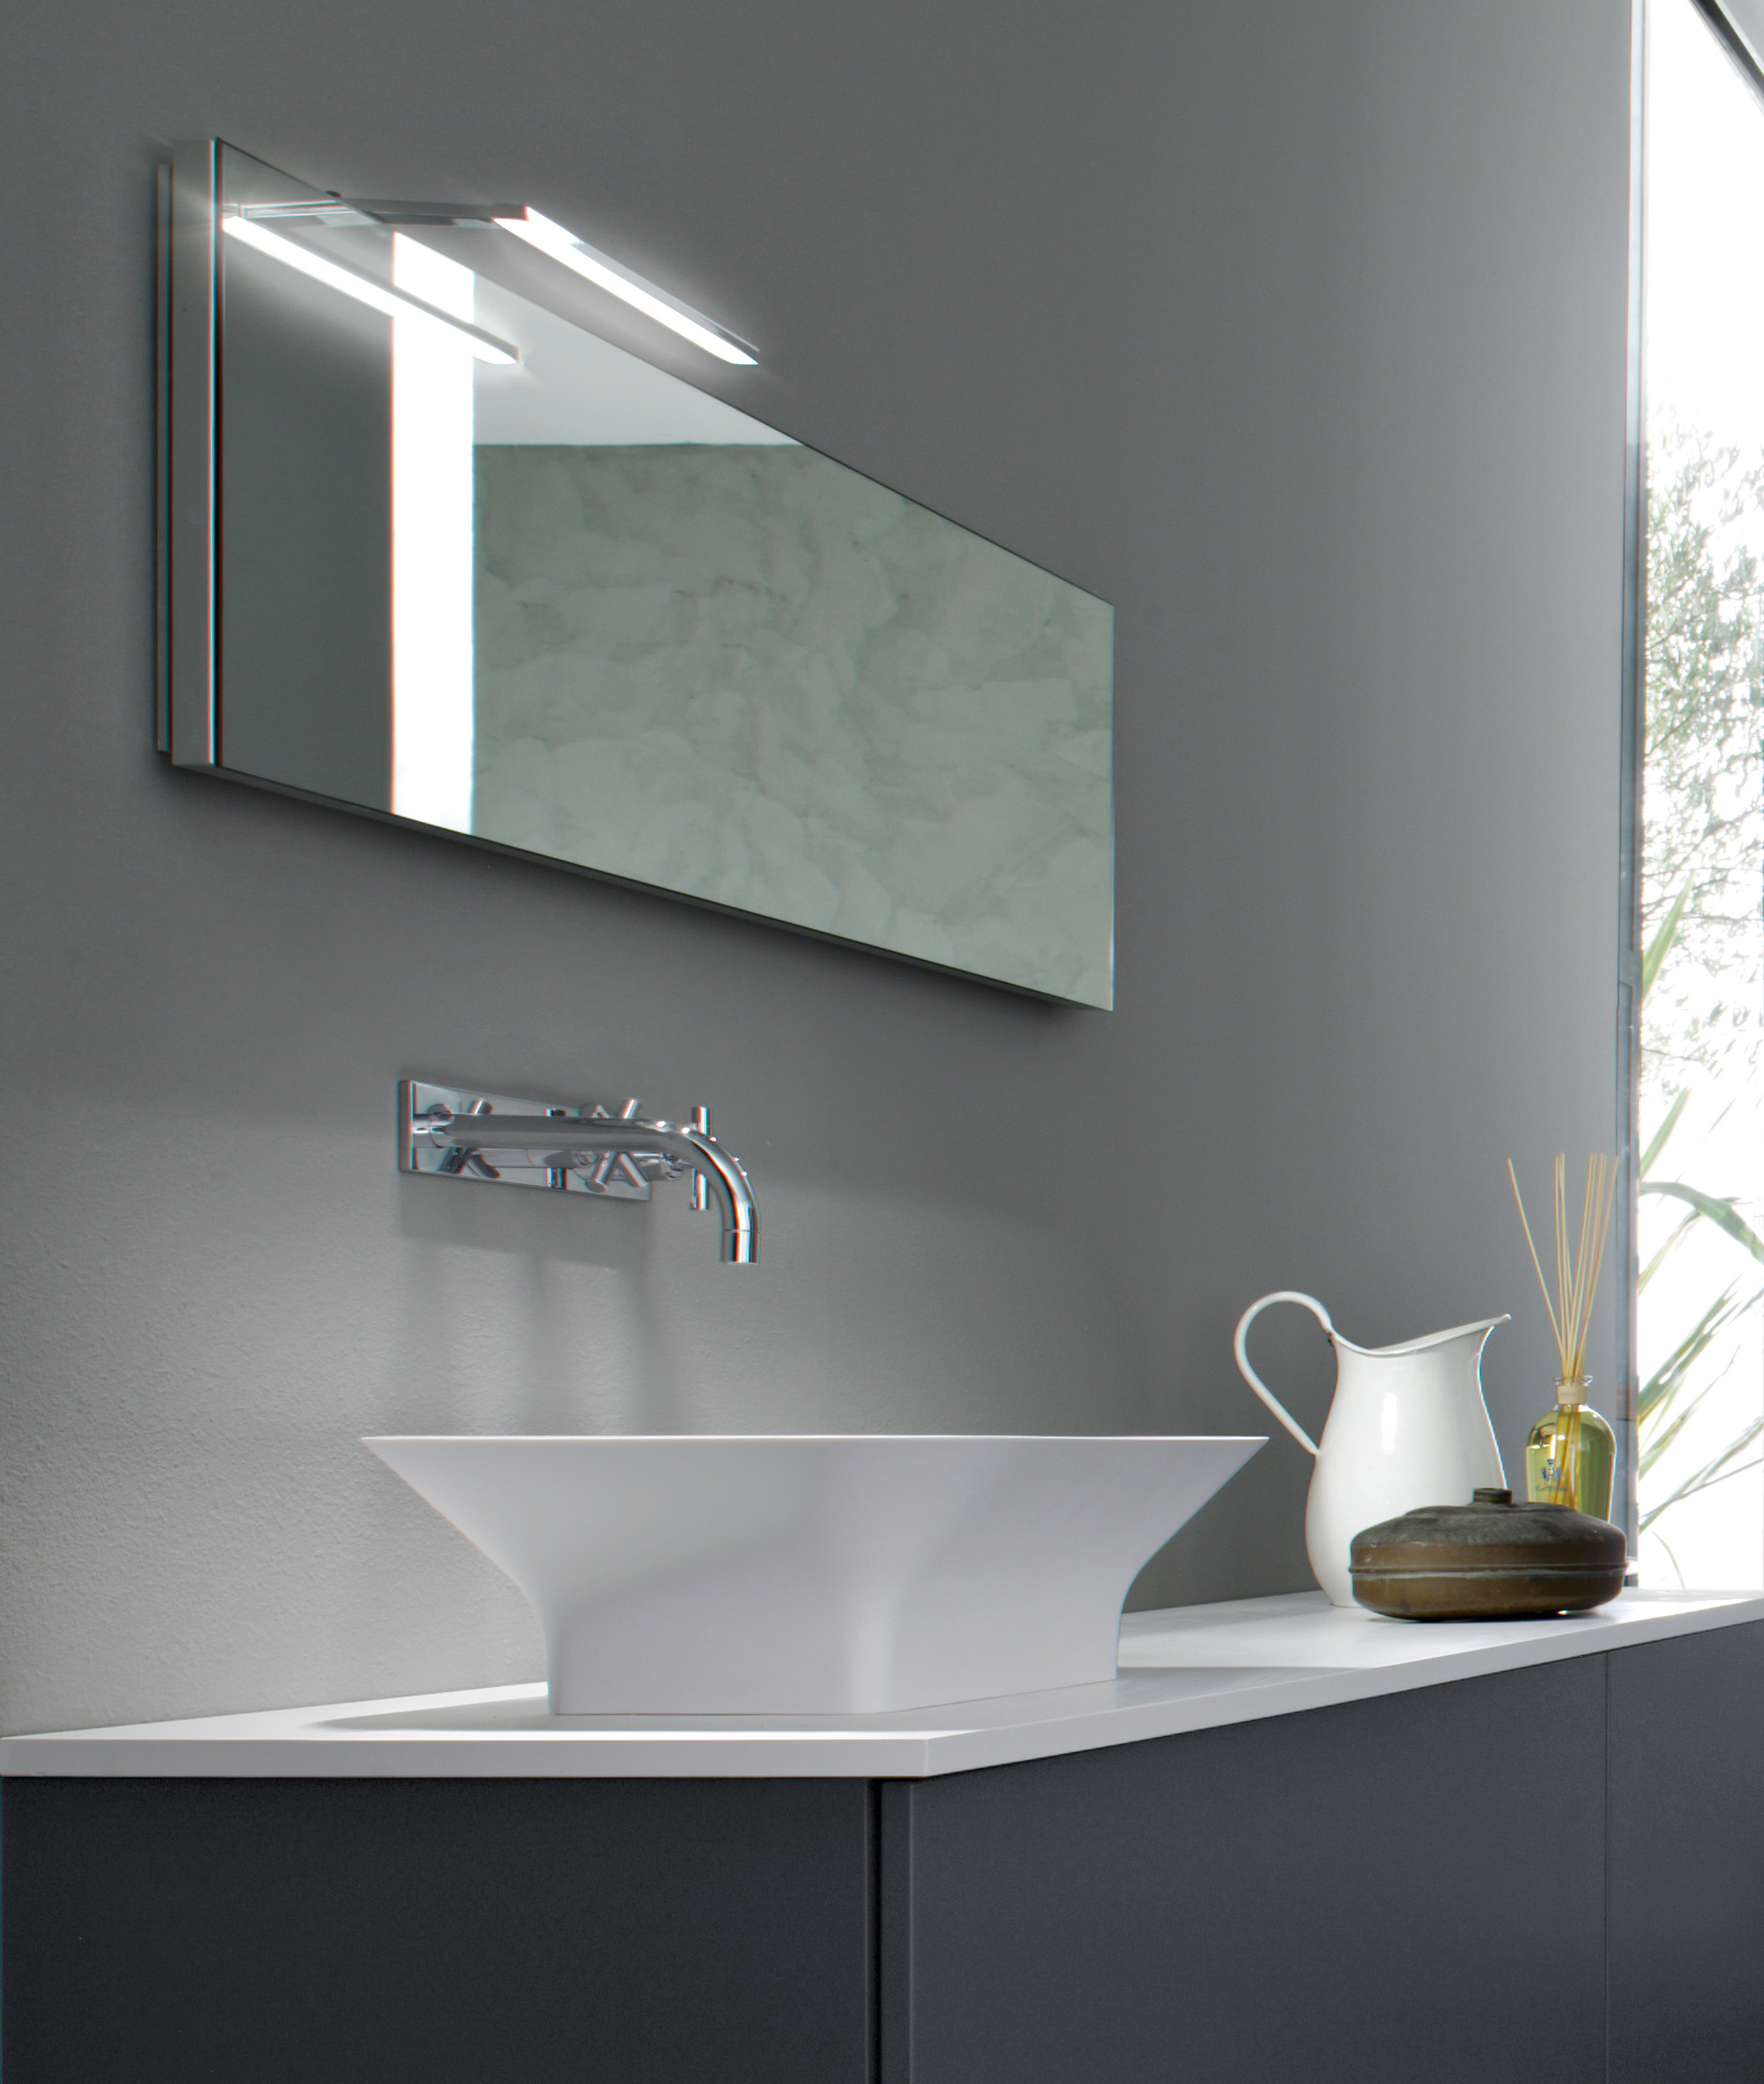 Elle nuova lampada led per il bagno arredativo design - Lampada led per specchio bagno ...